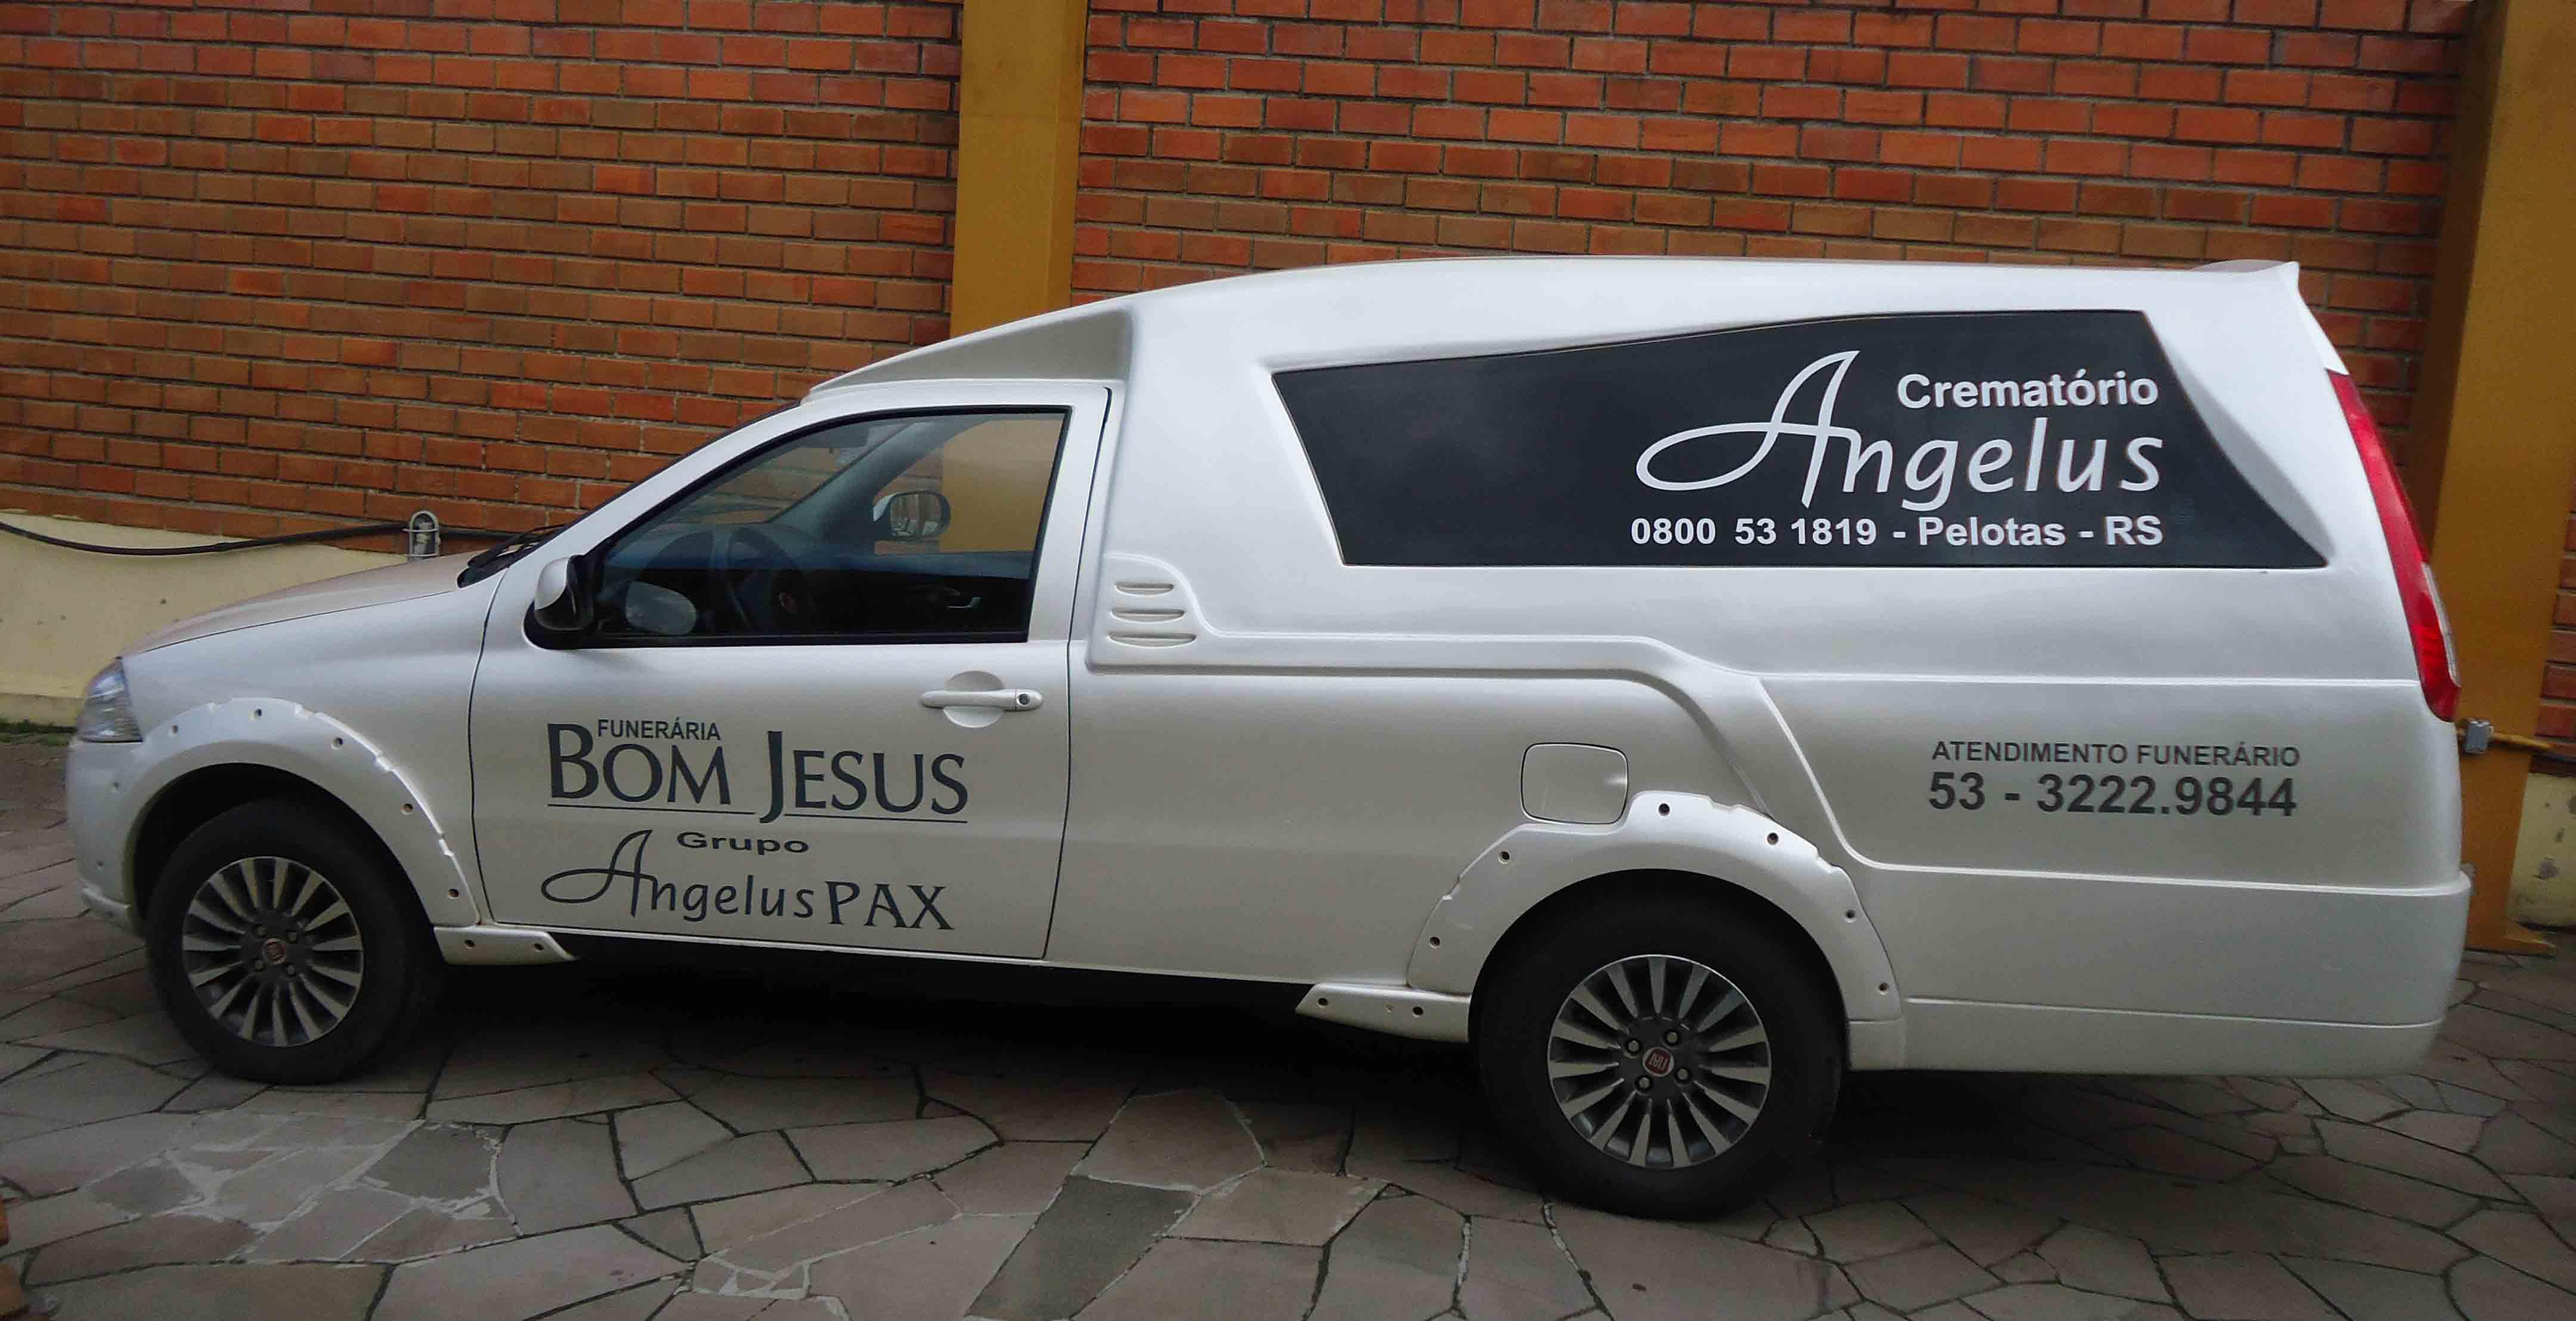 ffoto 05 Funerária Bom Jesus